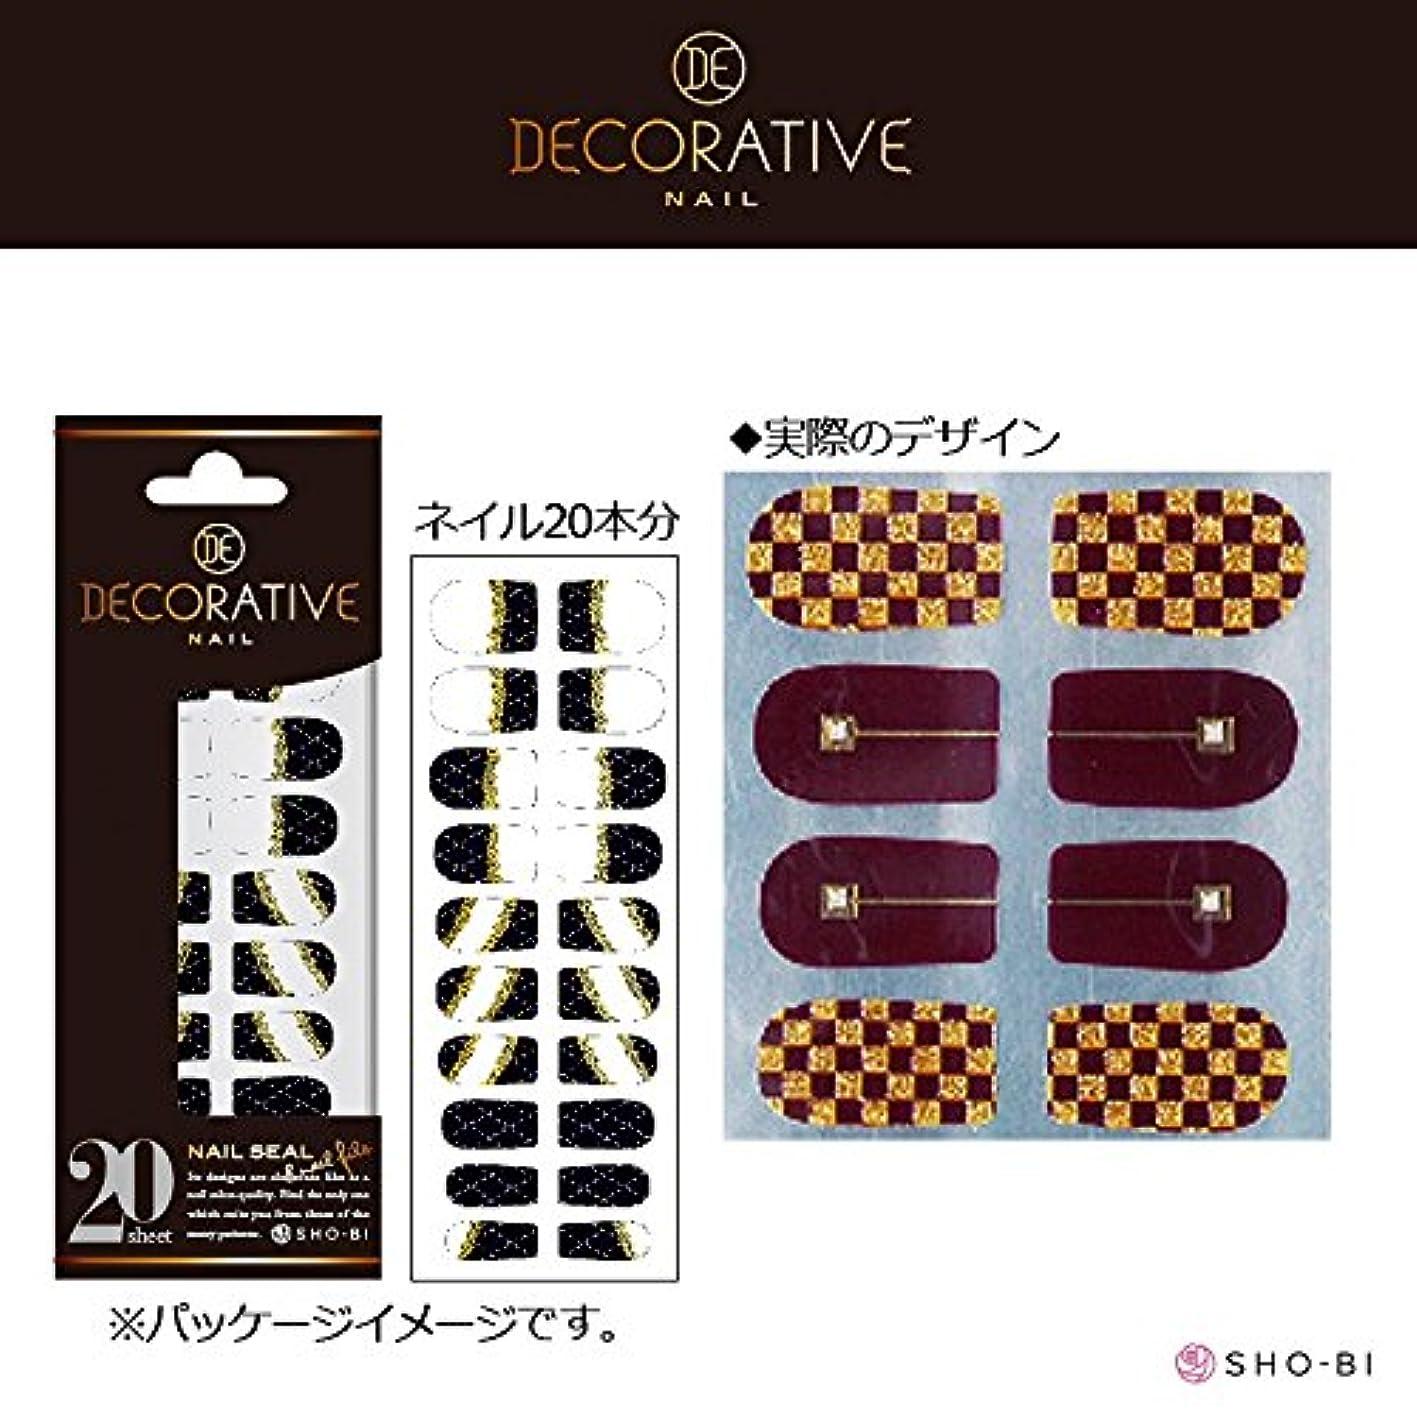 デコラティブネイル ラッピングシール オールドチェス TN80501